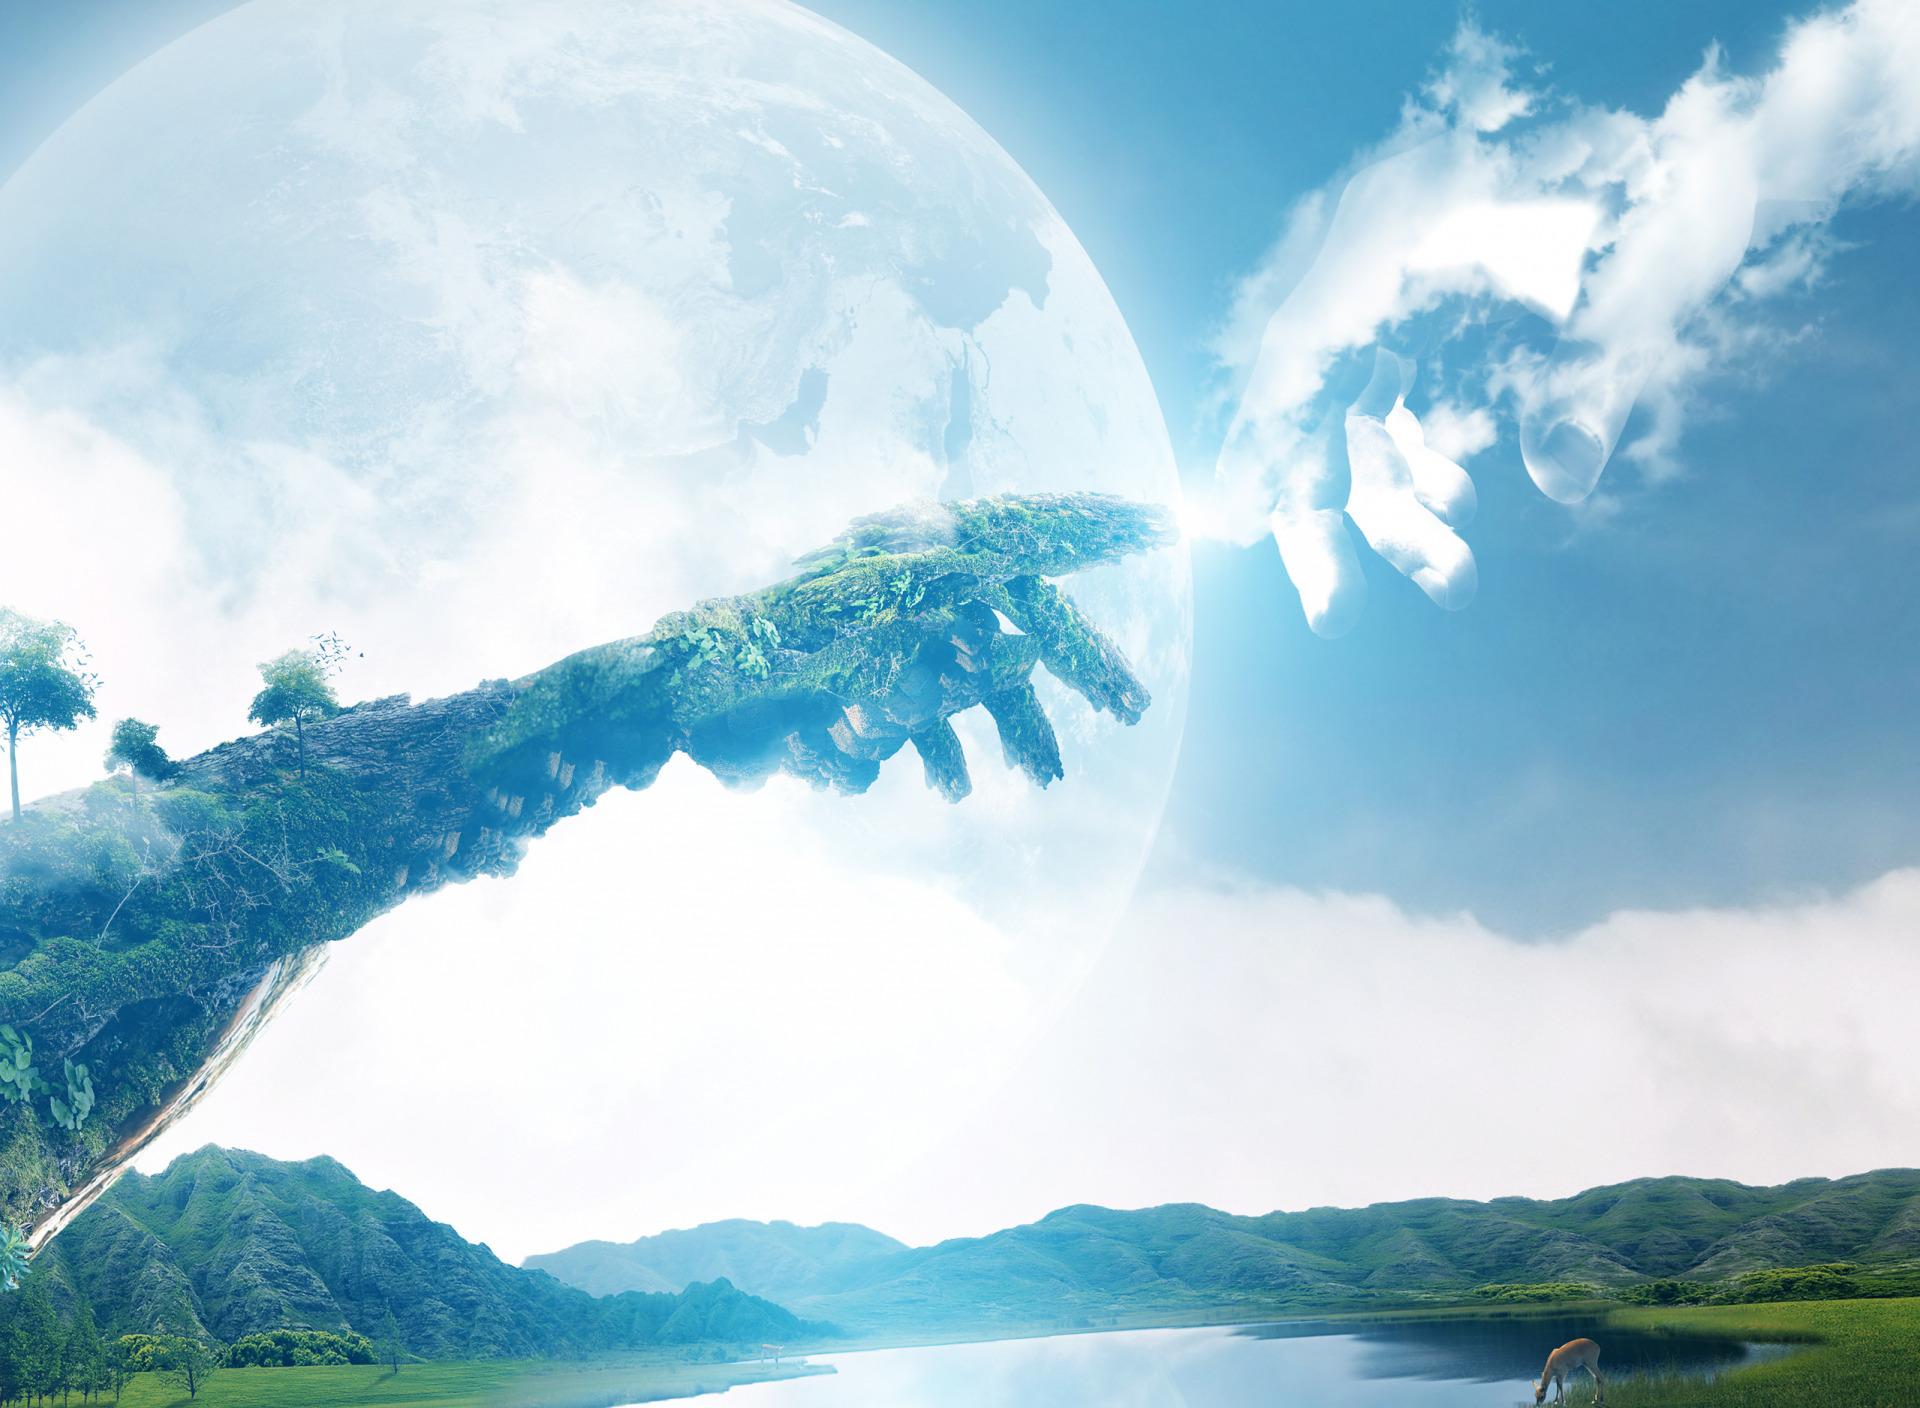 картинка где встречаются небо и земля стала